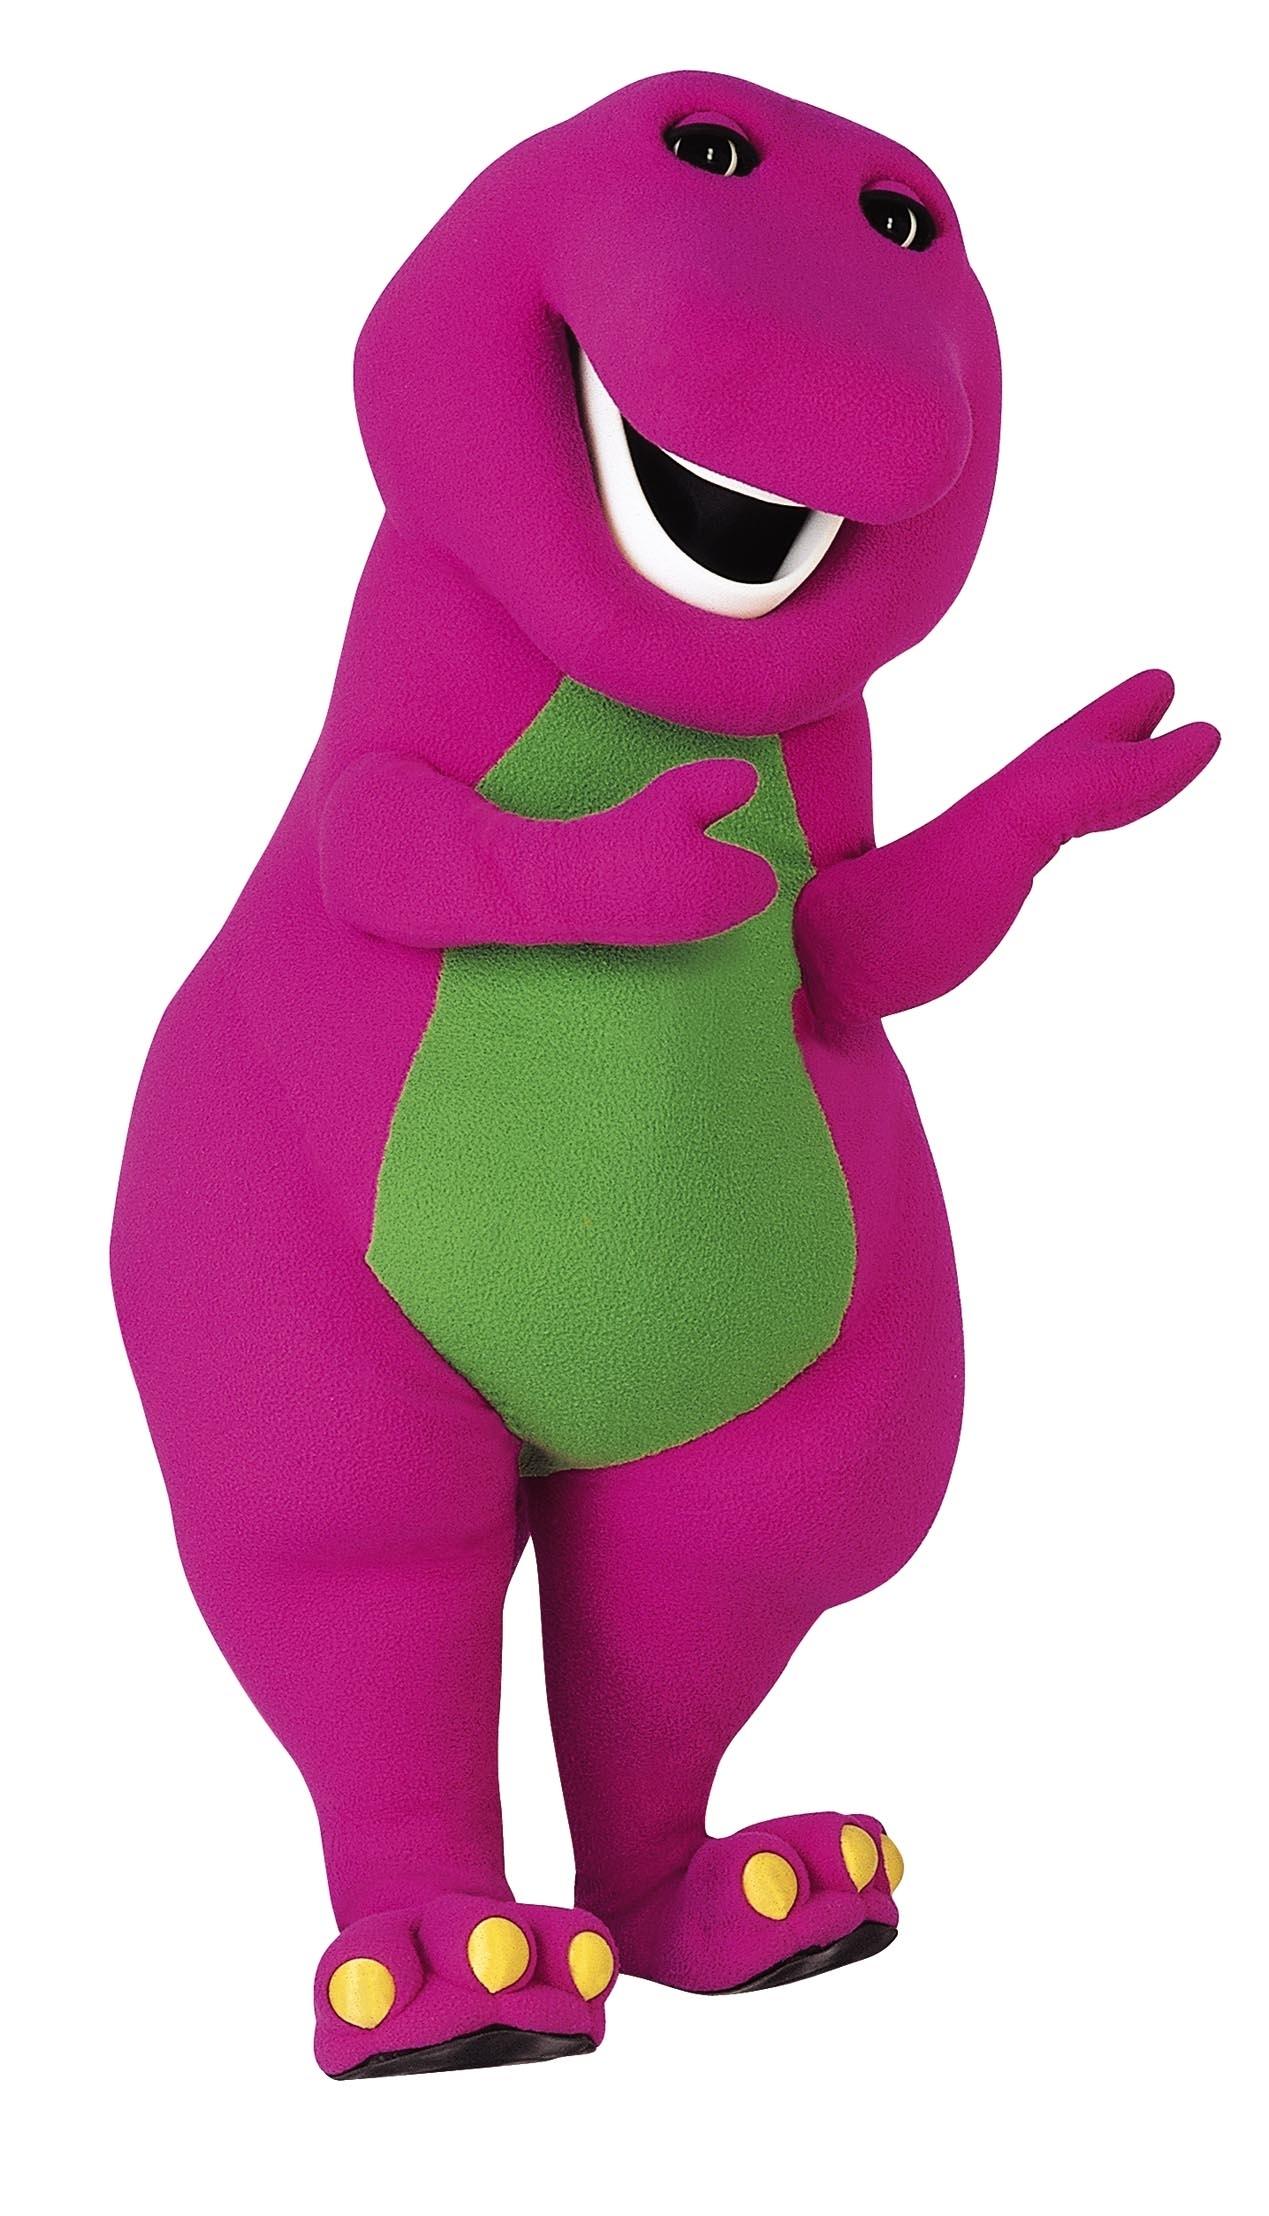 1269x2216 Clip Art Barney The Dinosaur 8lmu4c